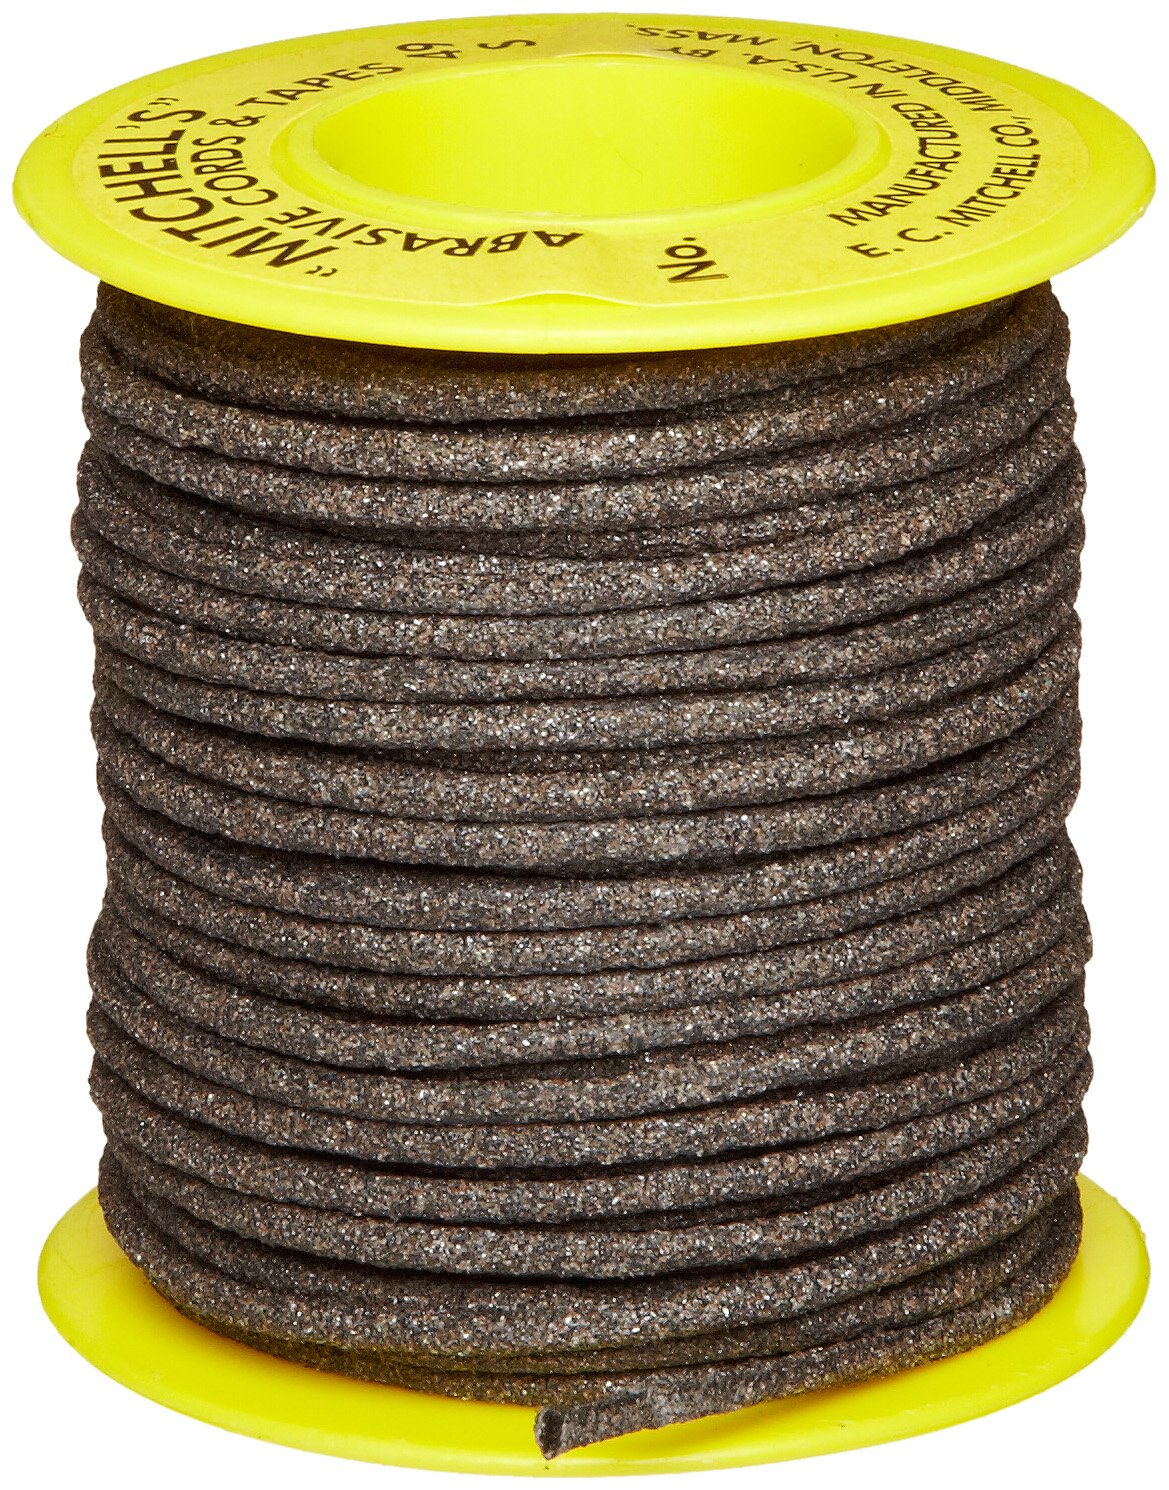 Mitchell Abrasives 49-S Round Abrasive Cord, Silicon Carbide 120 Grit .082'' Diameter x 50 Feet